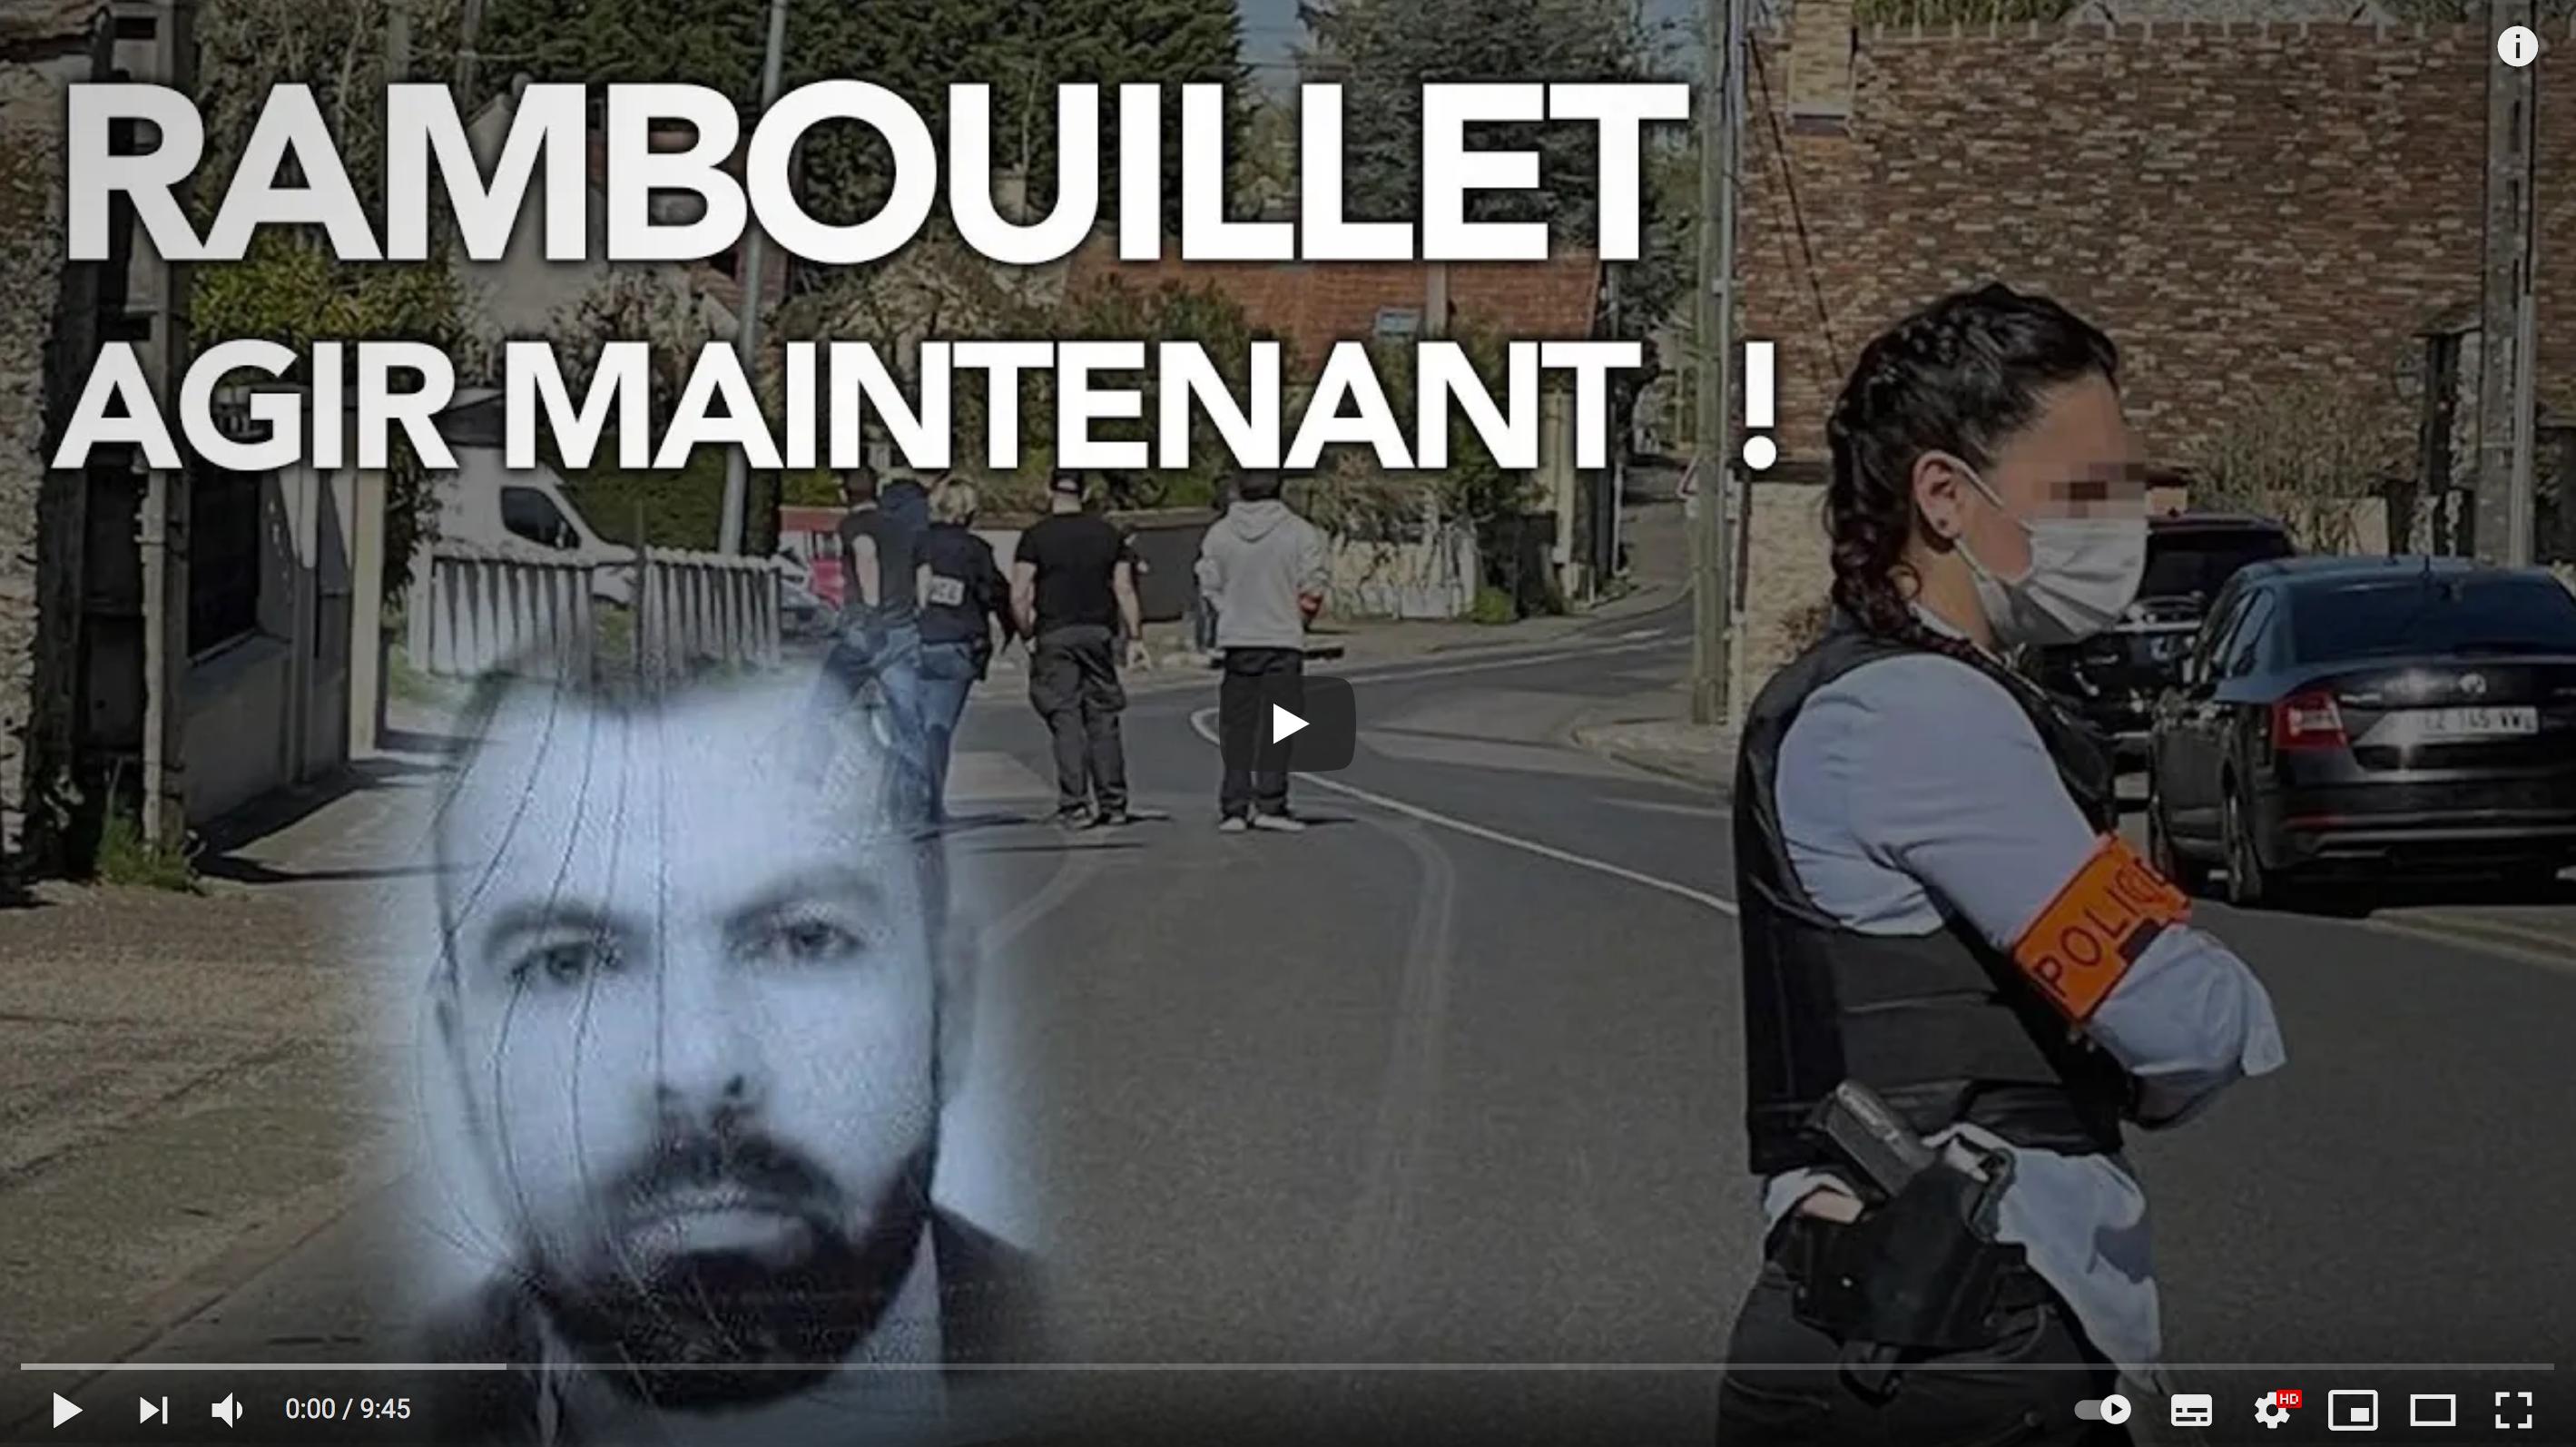 Égorgement de Rambouillet : l'Union européenne et la CEDH en cause ! (Florian Philippot)